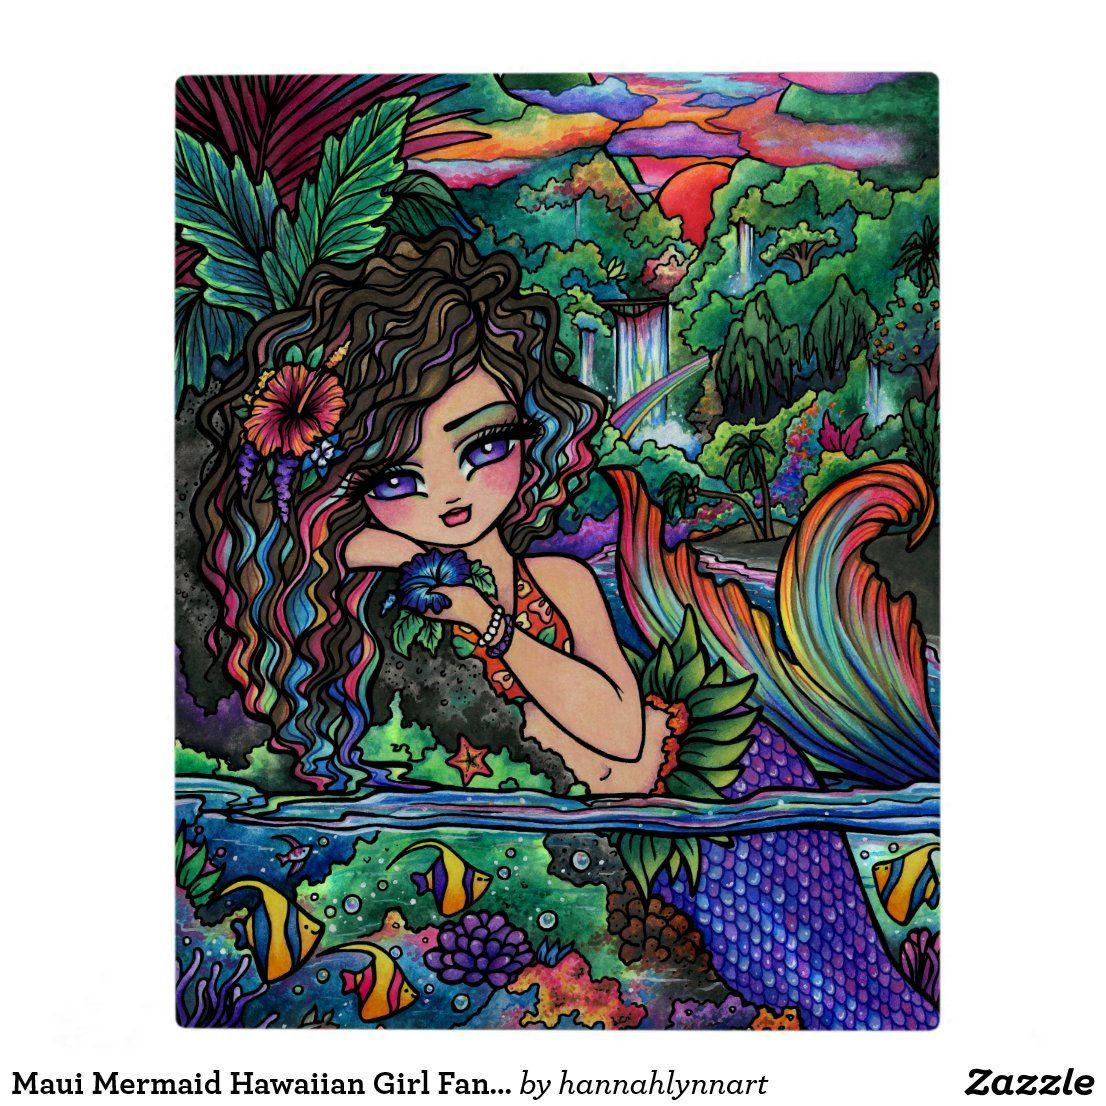 Ontwerp Zelf Fotoplaat Zazzle Nl Zeemeerminkunst Fantasy Art Kunst Ideeen